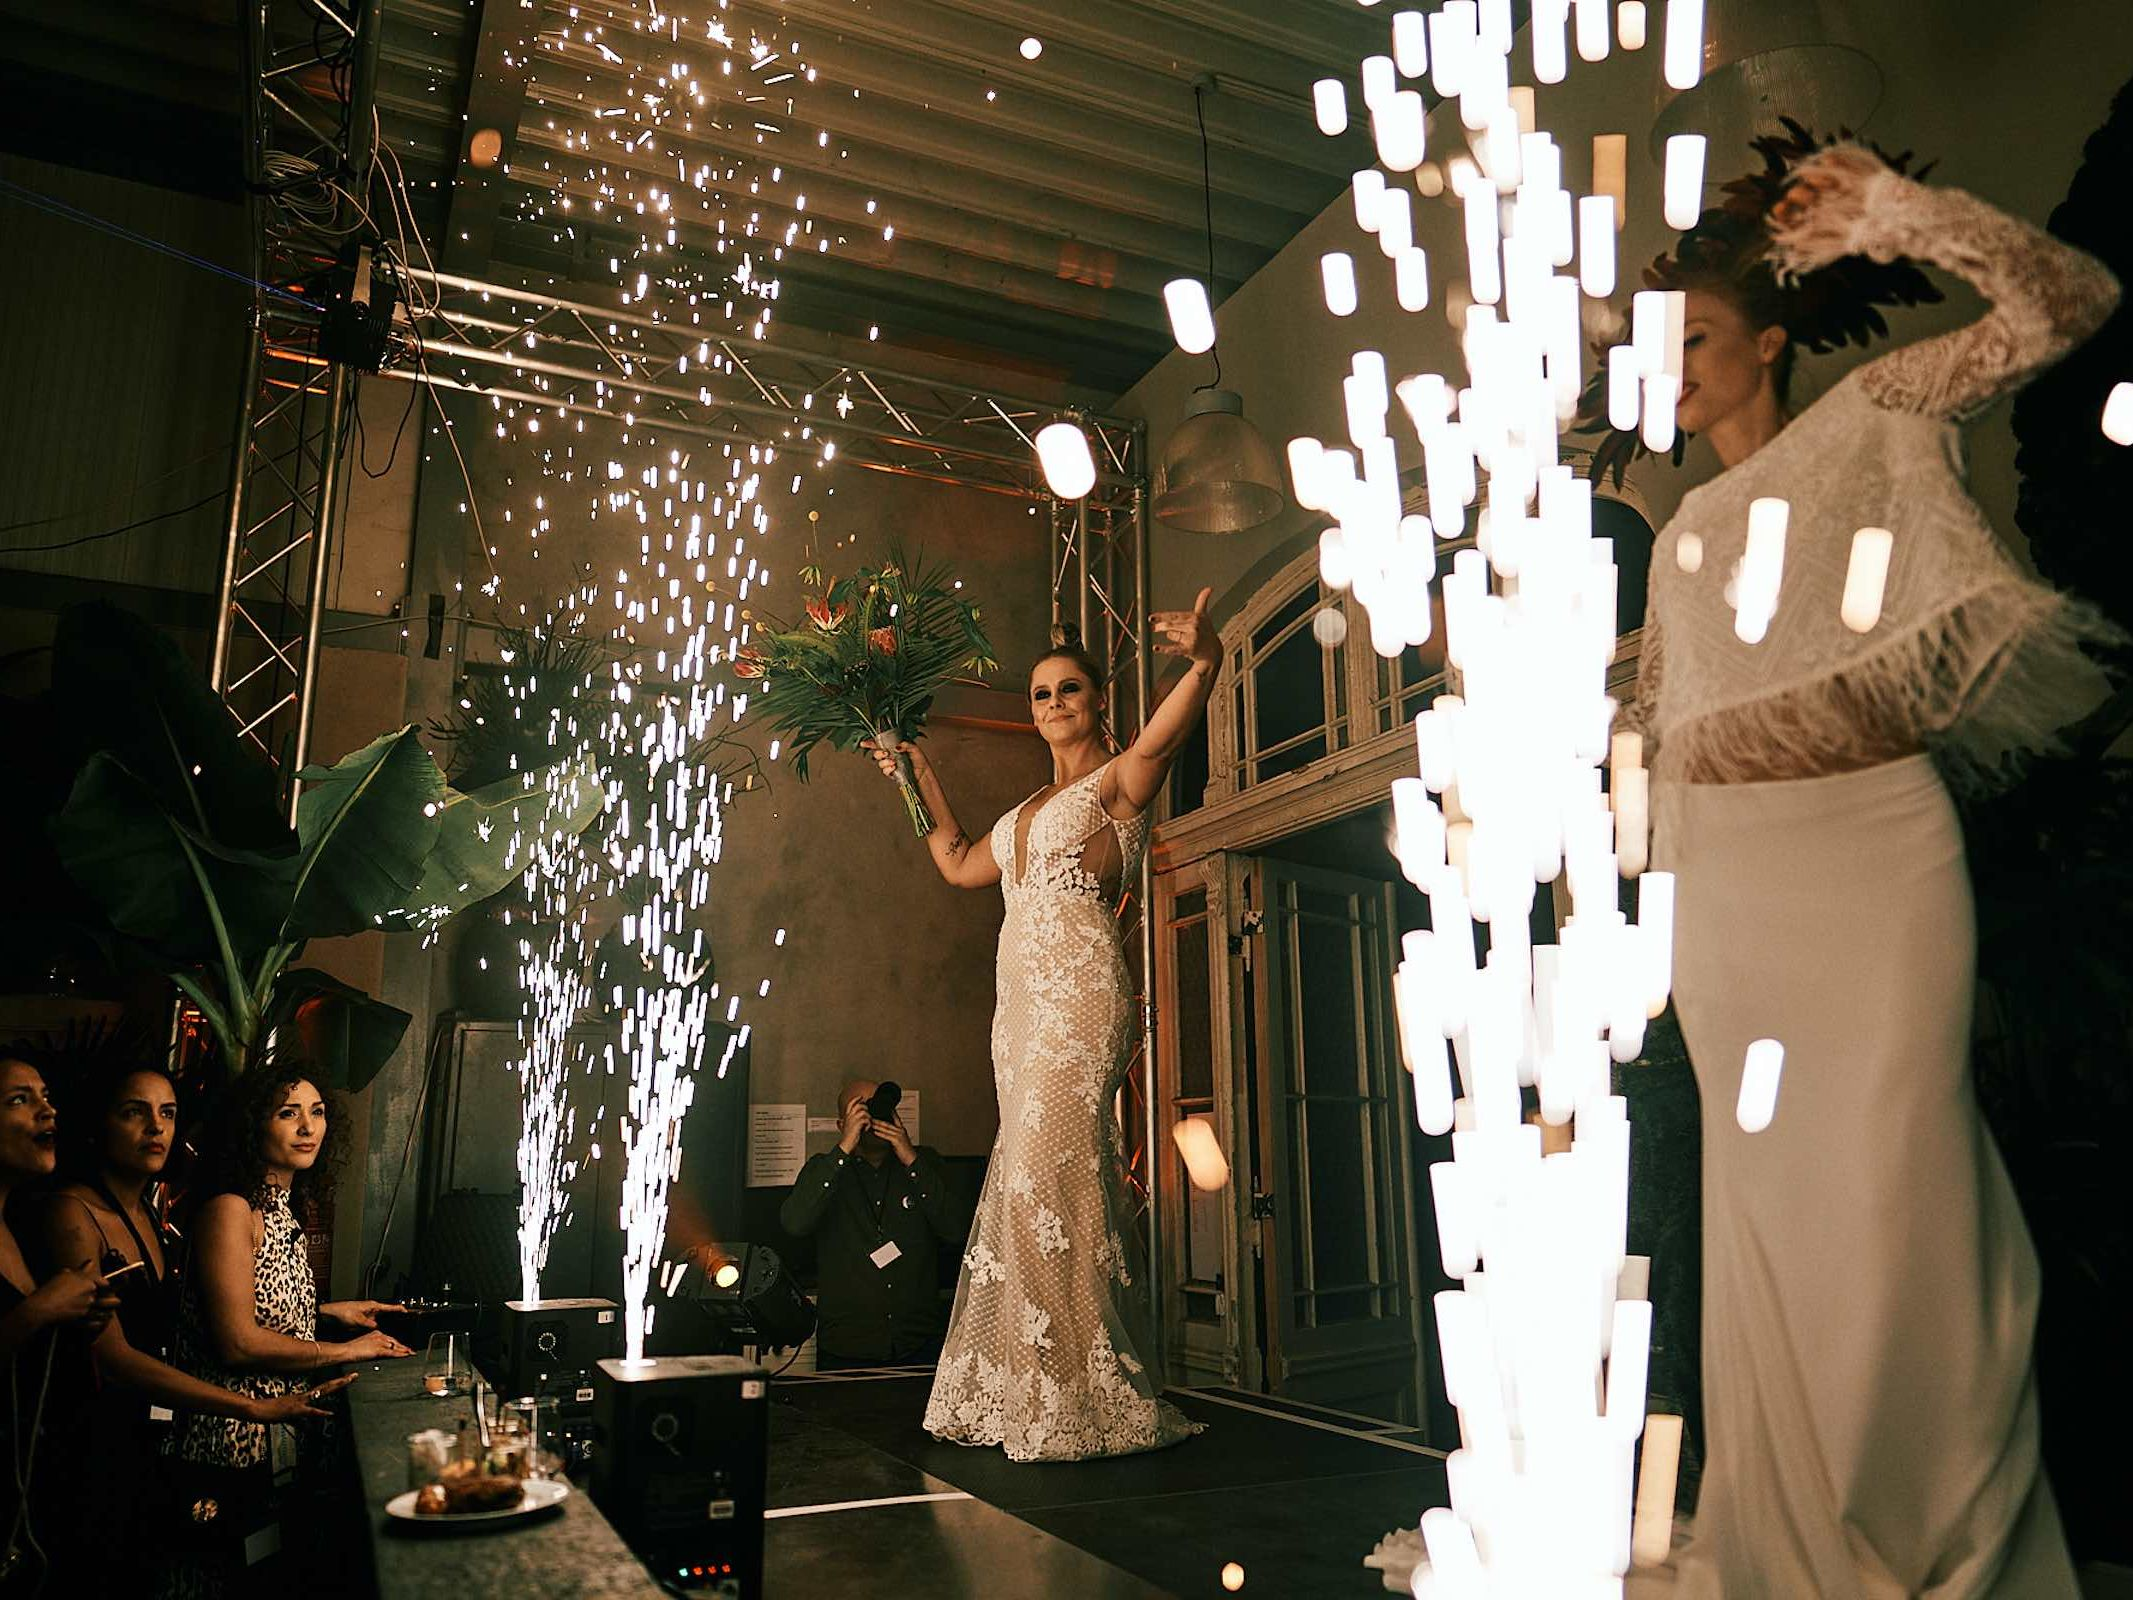 Indoor |Feuerwerk |Fontänen |Bühnen |Feuerwerk |Pyrotechnik |Lasershow |Hannover |Lightshow |Lichtshow |Produktpräsentation |Showlaser |Lichttechnik |Hochzeit |Business |Event |Buchen |Mieten |Anfragen